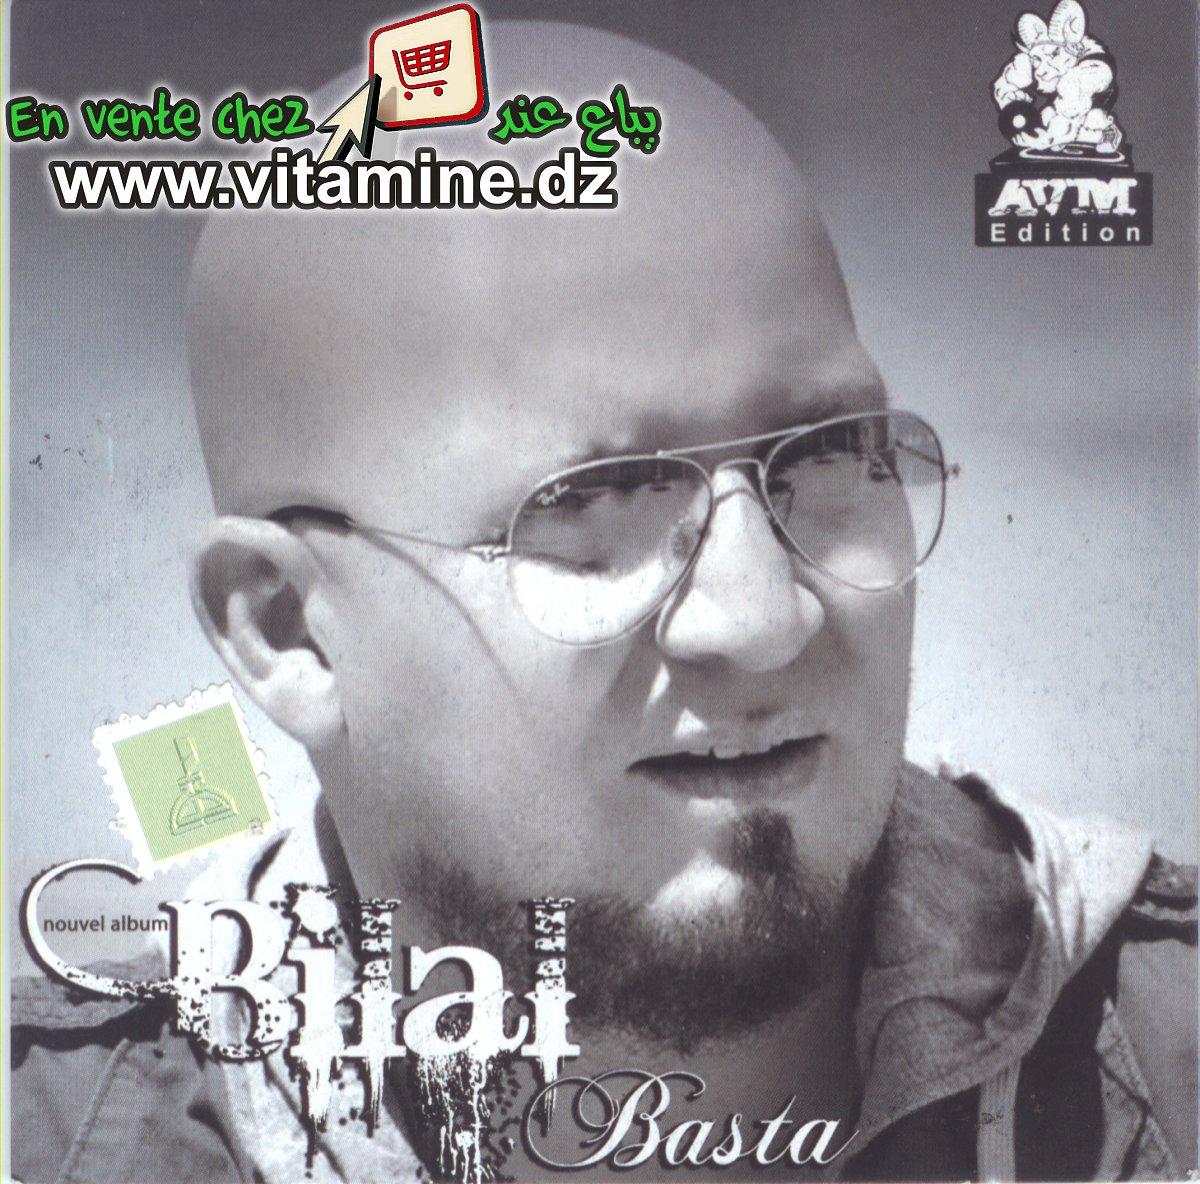 Cheb Bilal - Basta